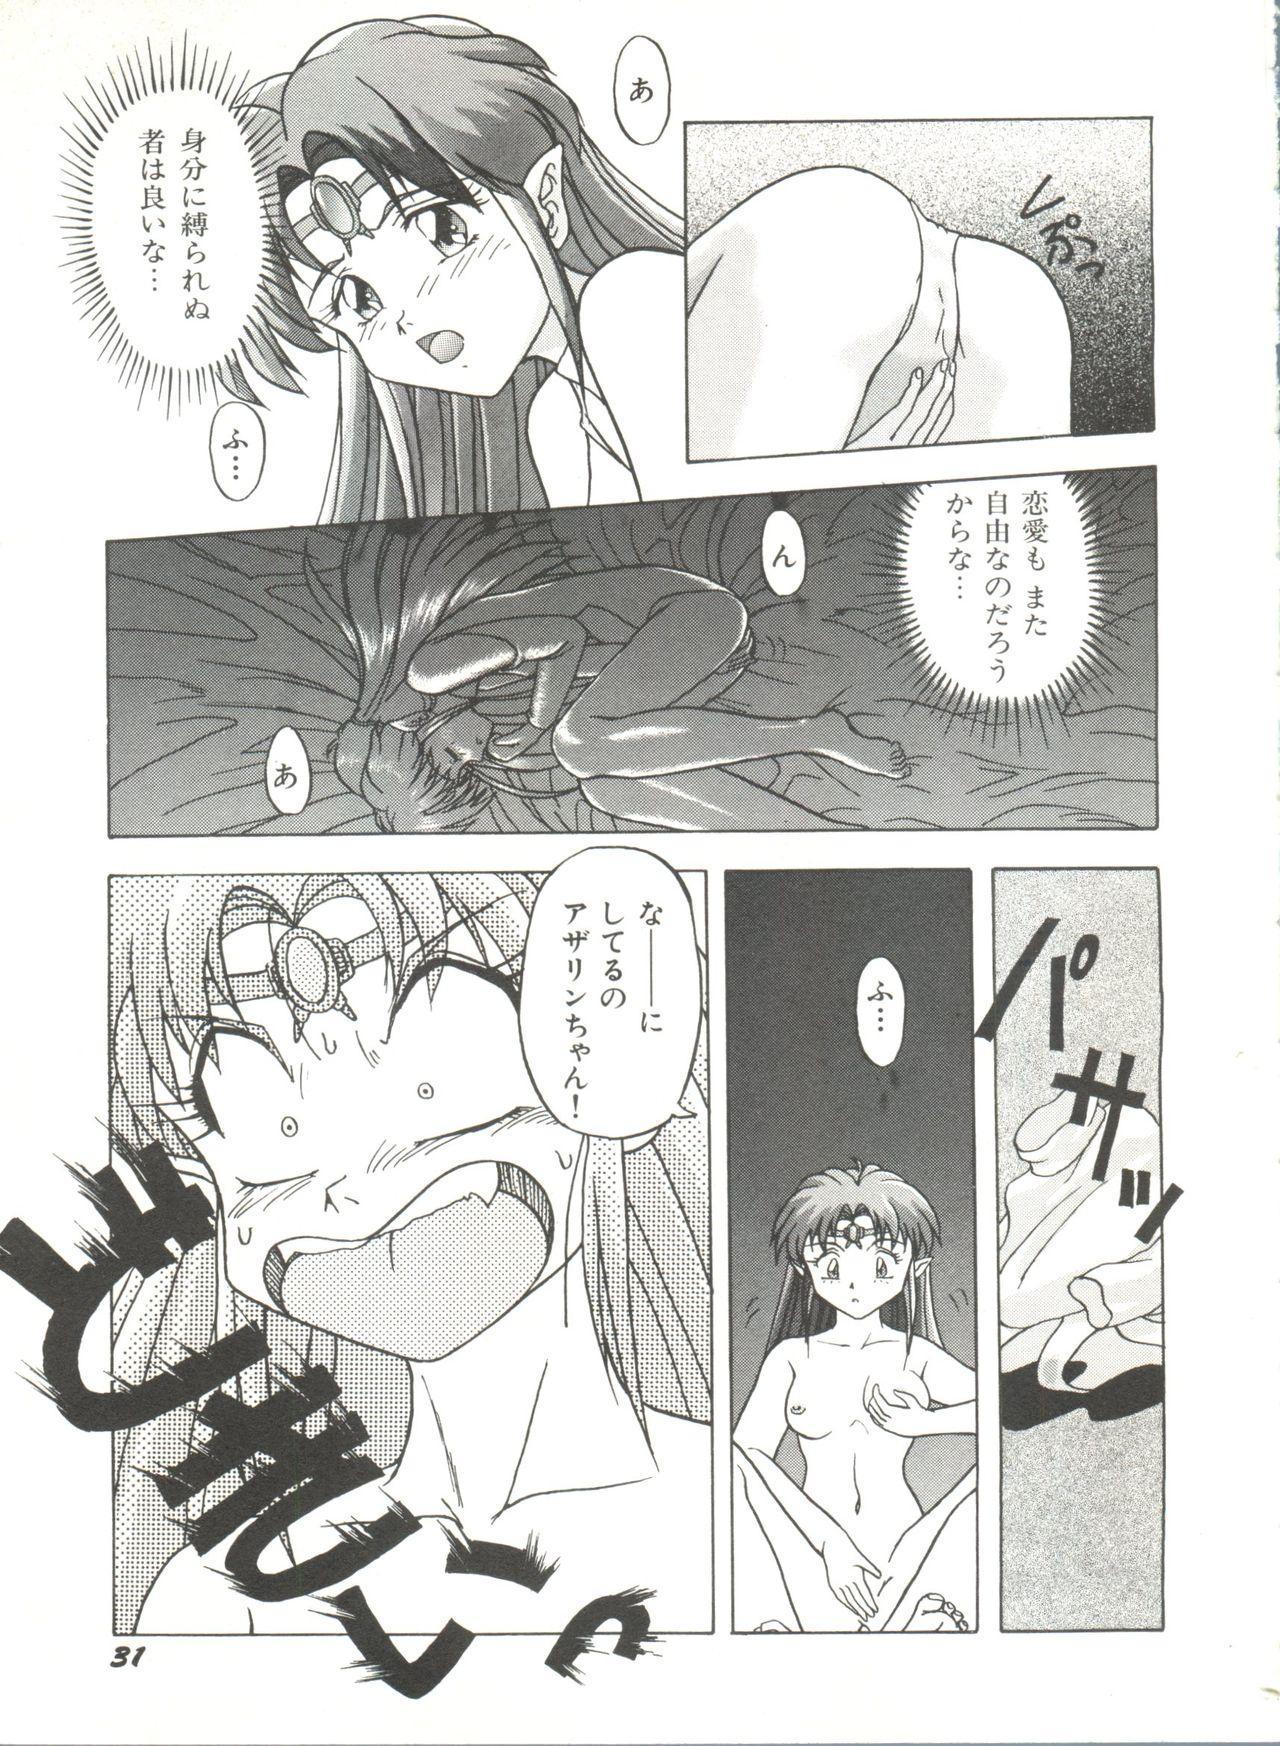 Bishoujo Doujinshi Anthology 6 34